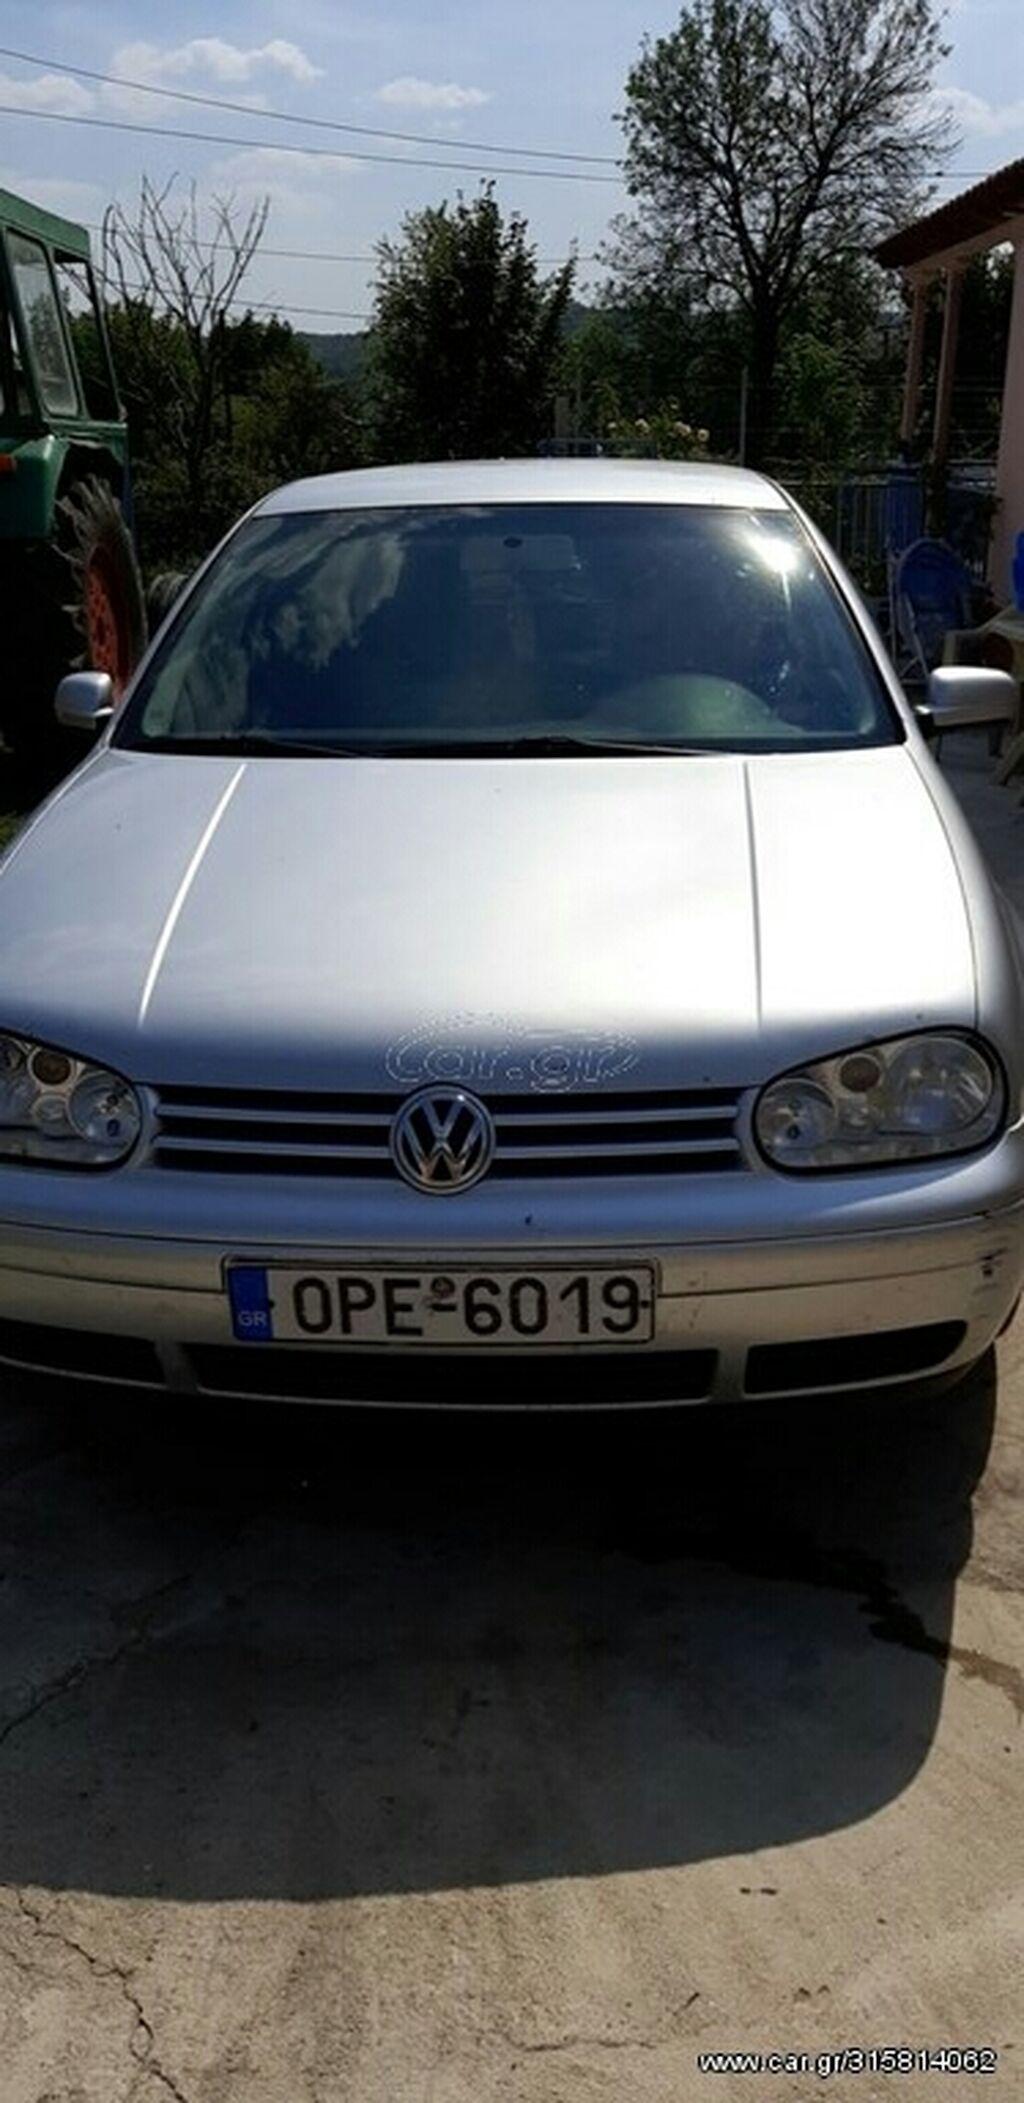 Volkswagen Golf 1.4 l. 2003 | 316175 km | η αγγελία δημοσιεύτηκε 15 Σεπτέμβριος 2021 13:33:06 | VOLKSWAGEN: Volkswagen Golf 1.4 l. 2003 | 316175 km